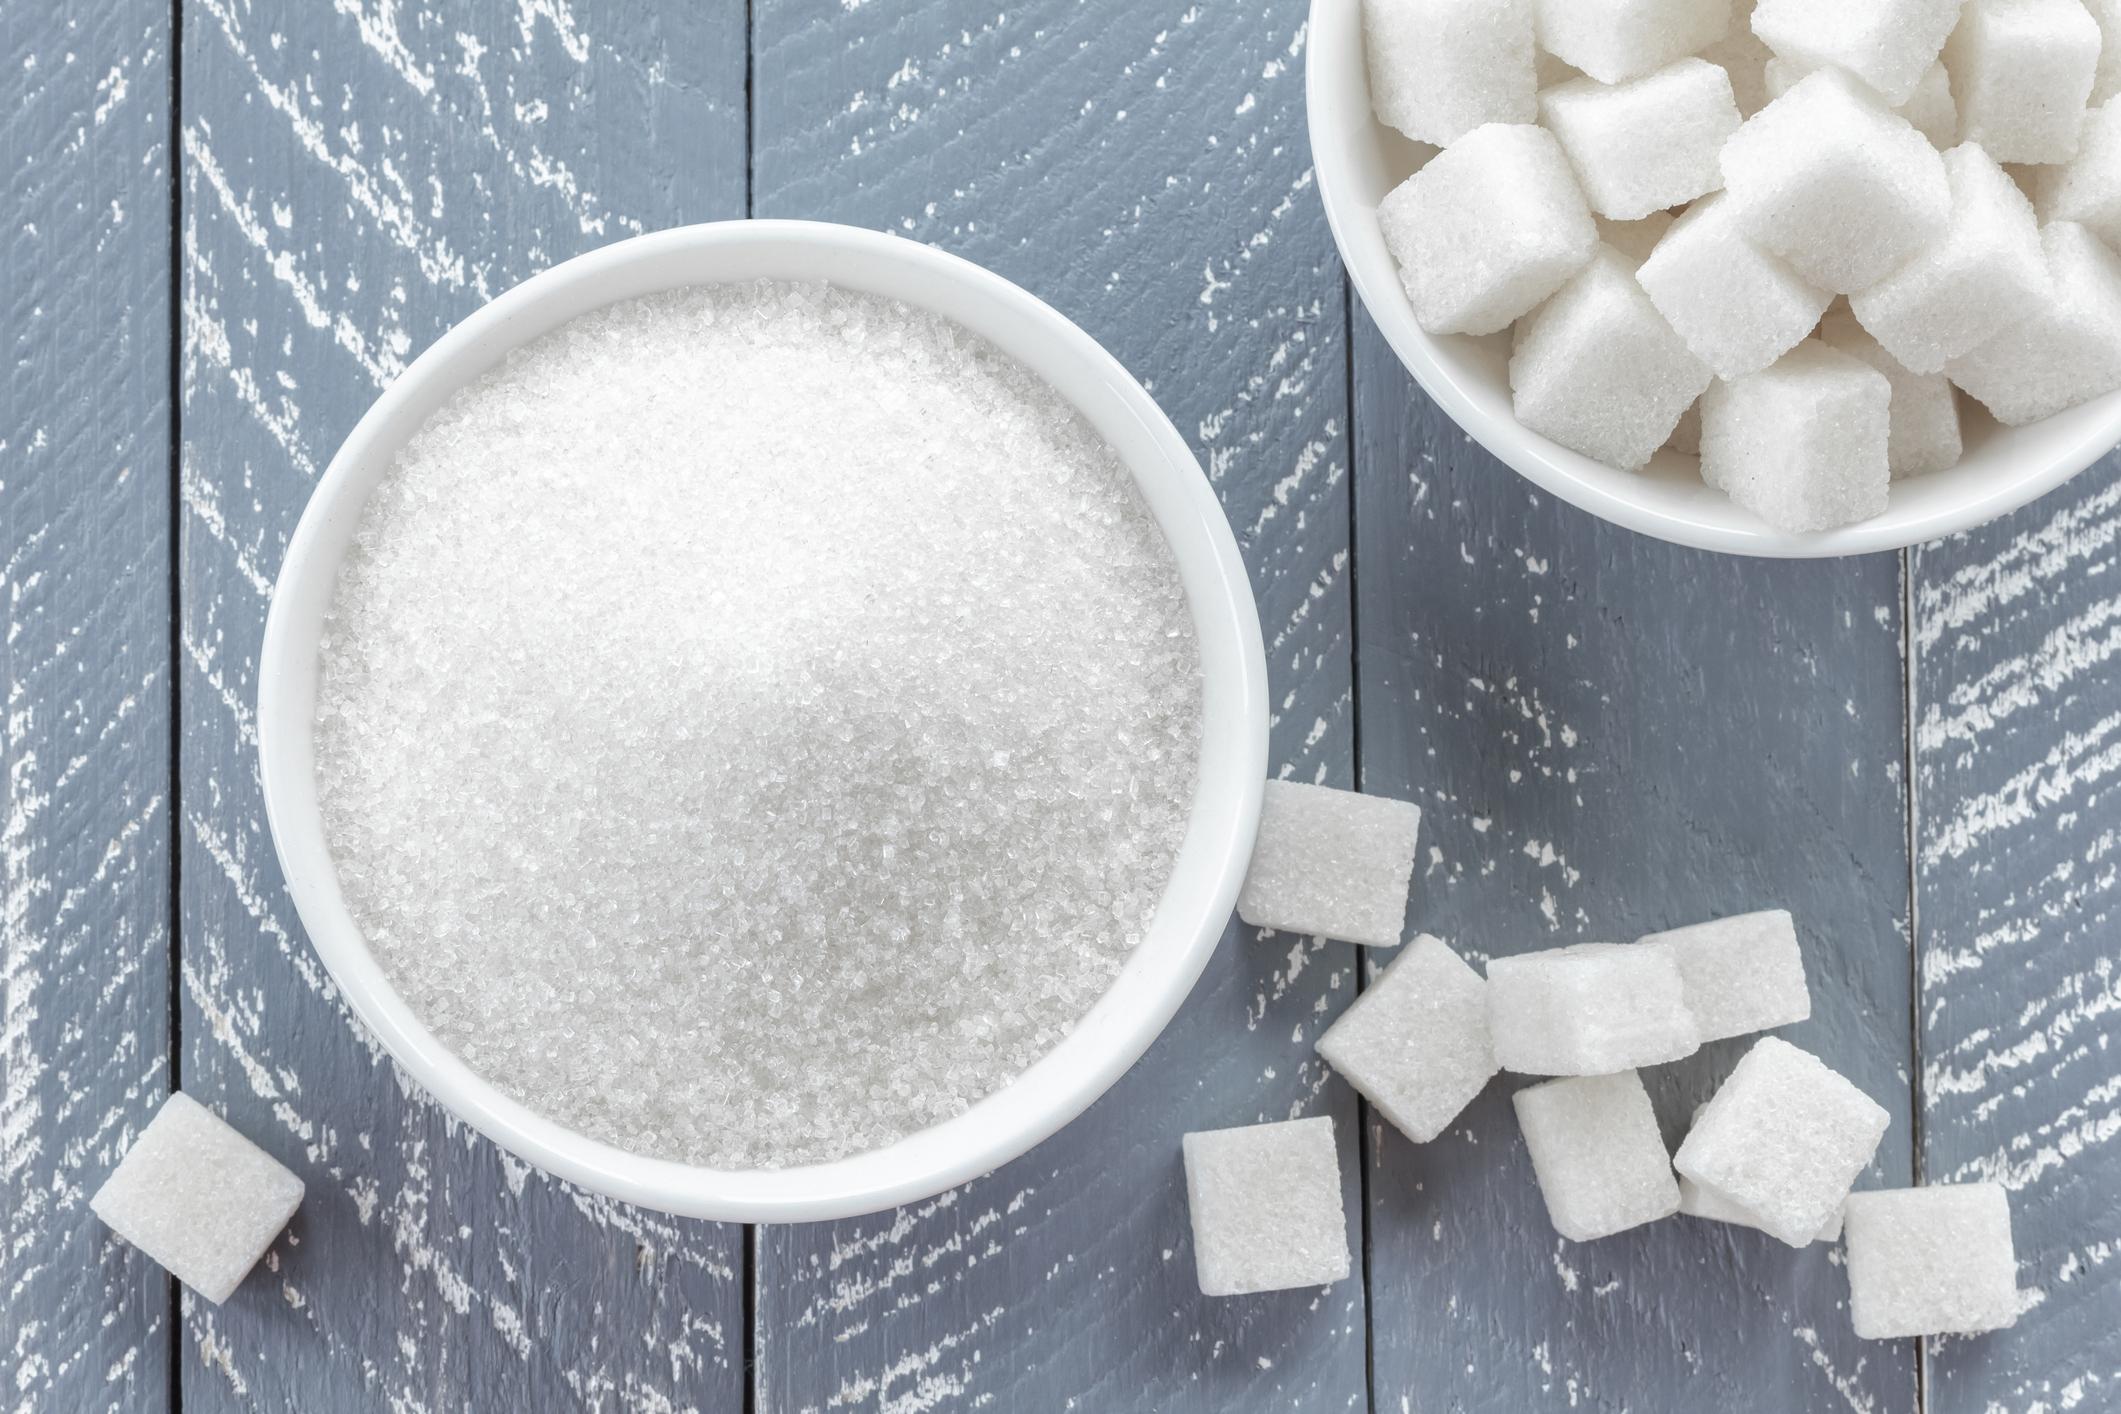 ¿Qué son los alcoholes de azúcar? – Beneficios y riesgos para la salud